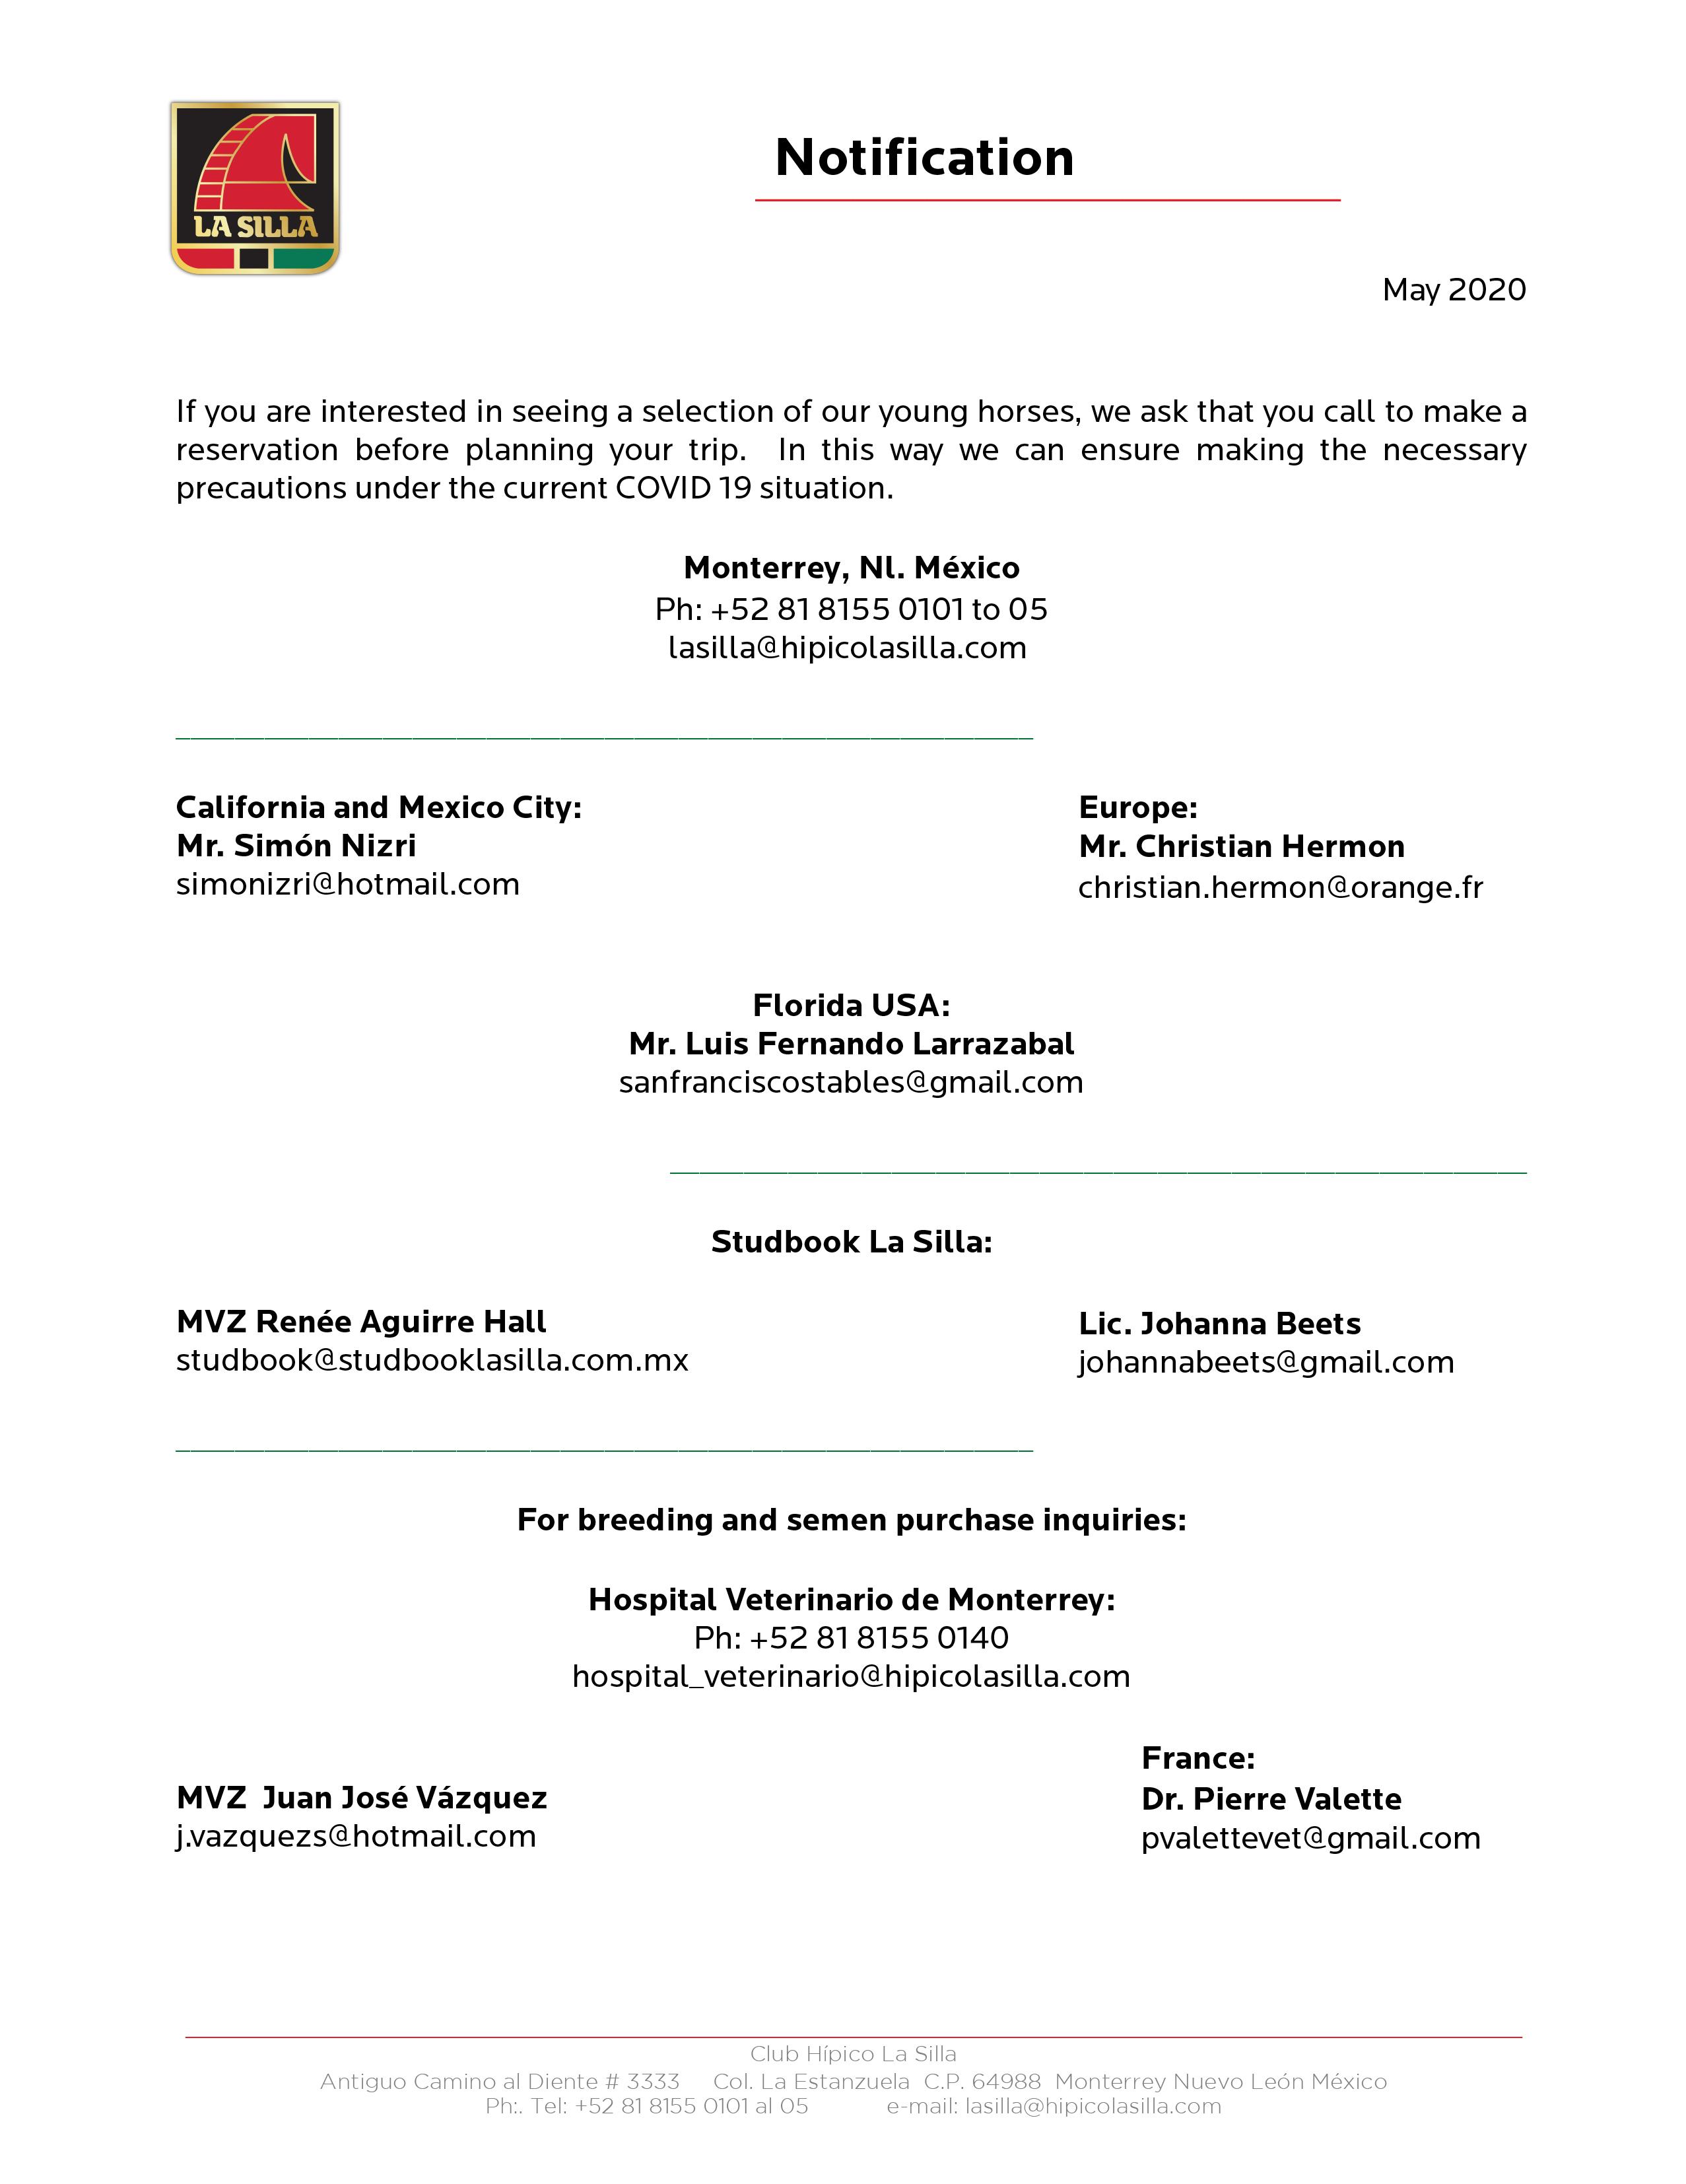 Carta-LA-SILLA-ING11-CONTACTOS-2-PROVISIONAL